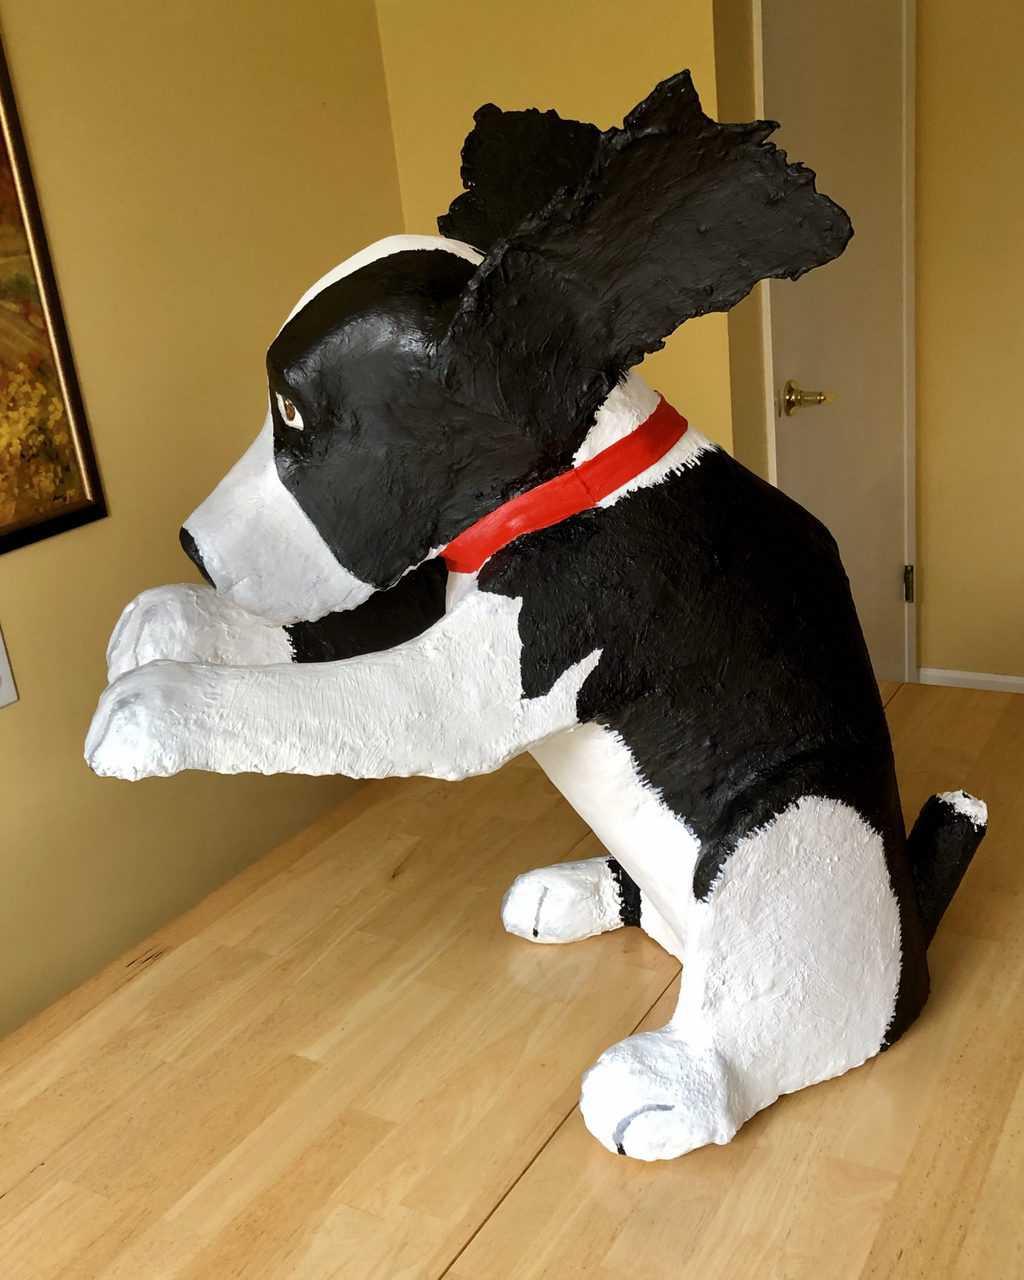 Paper mache dog, riding shotgun